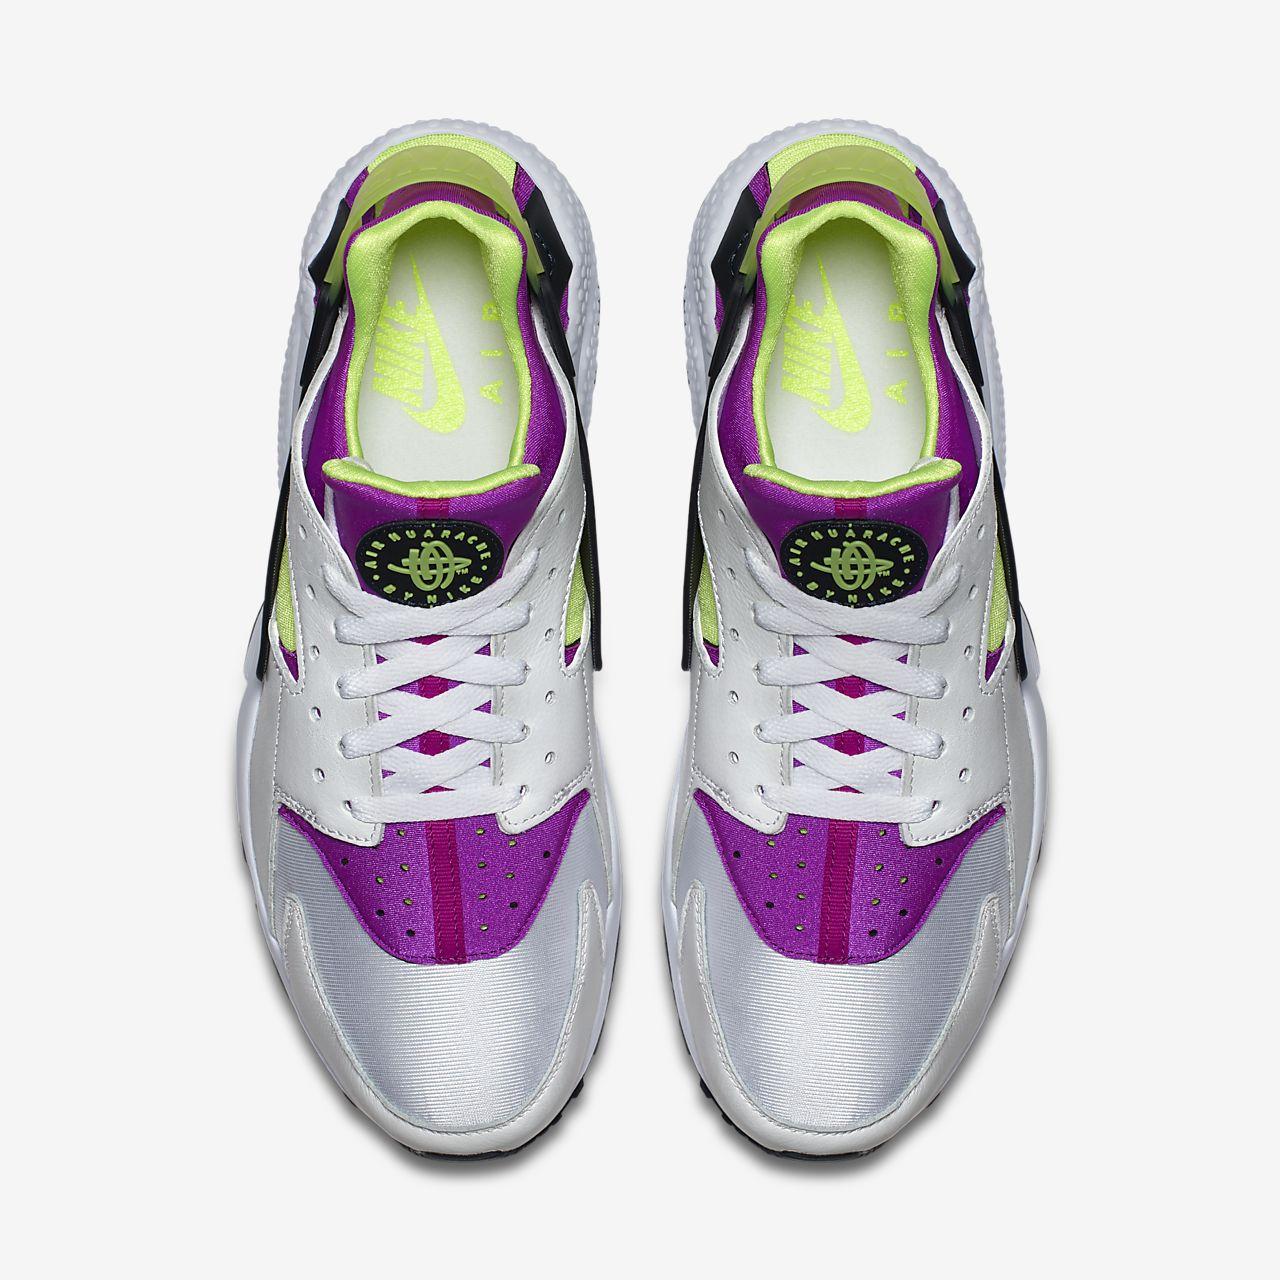 the best attitude 74505 a9777 Air  91 Chaussure Qs HommeBe Nike Pour Huarache ulKc5T13FJ